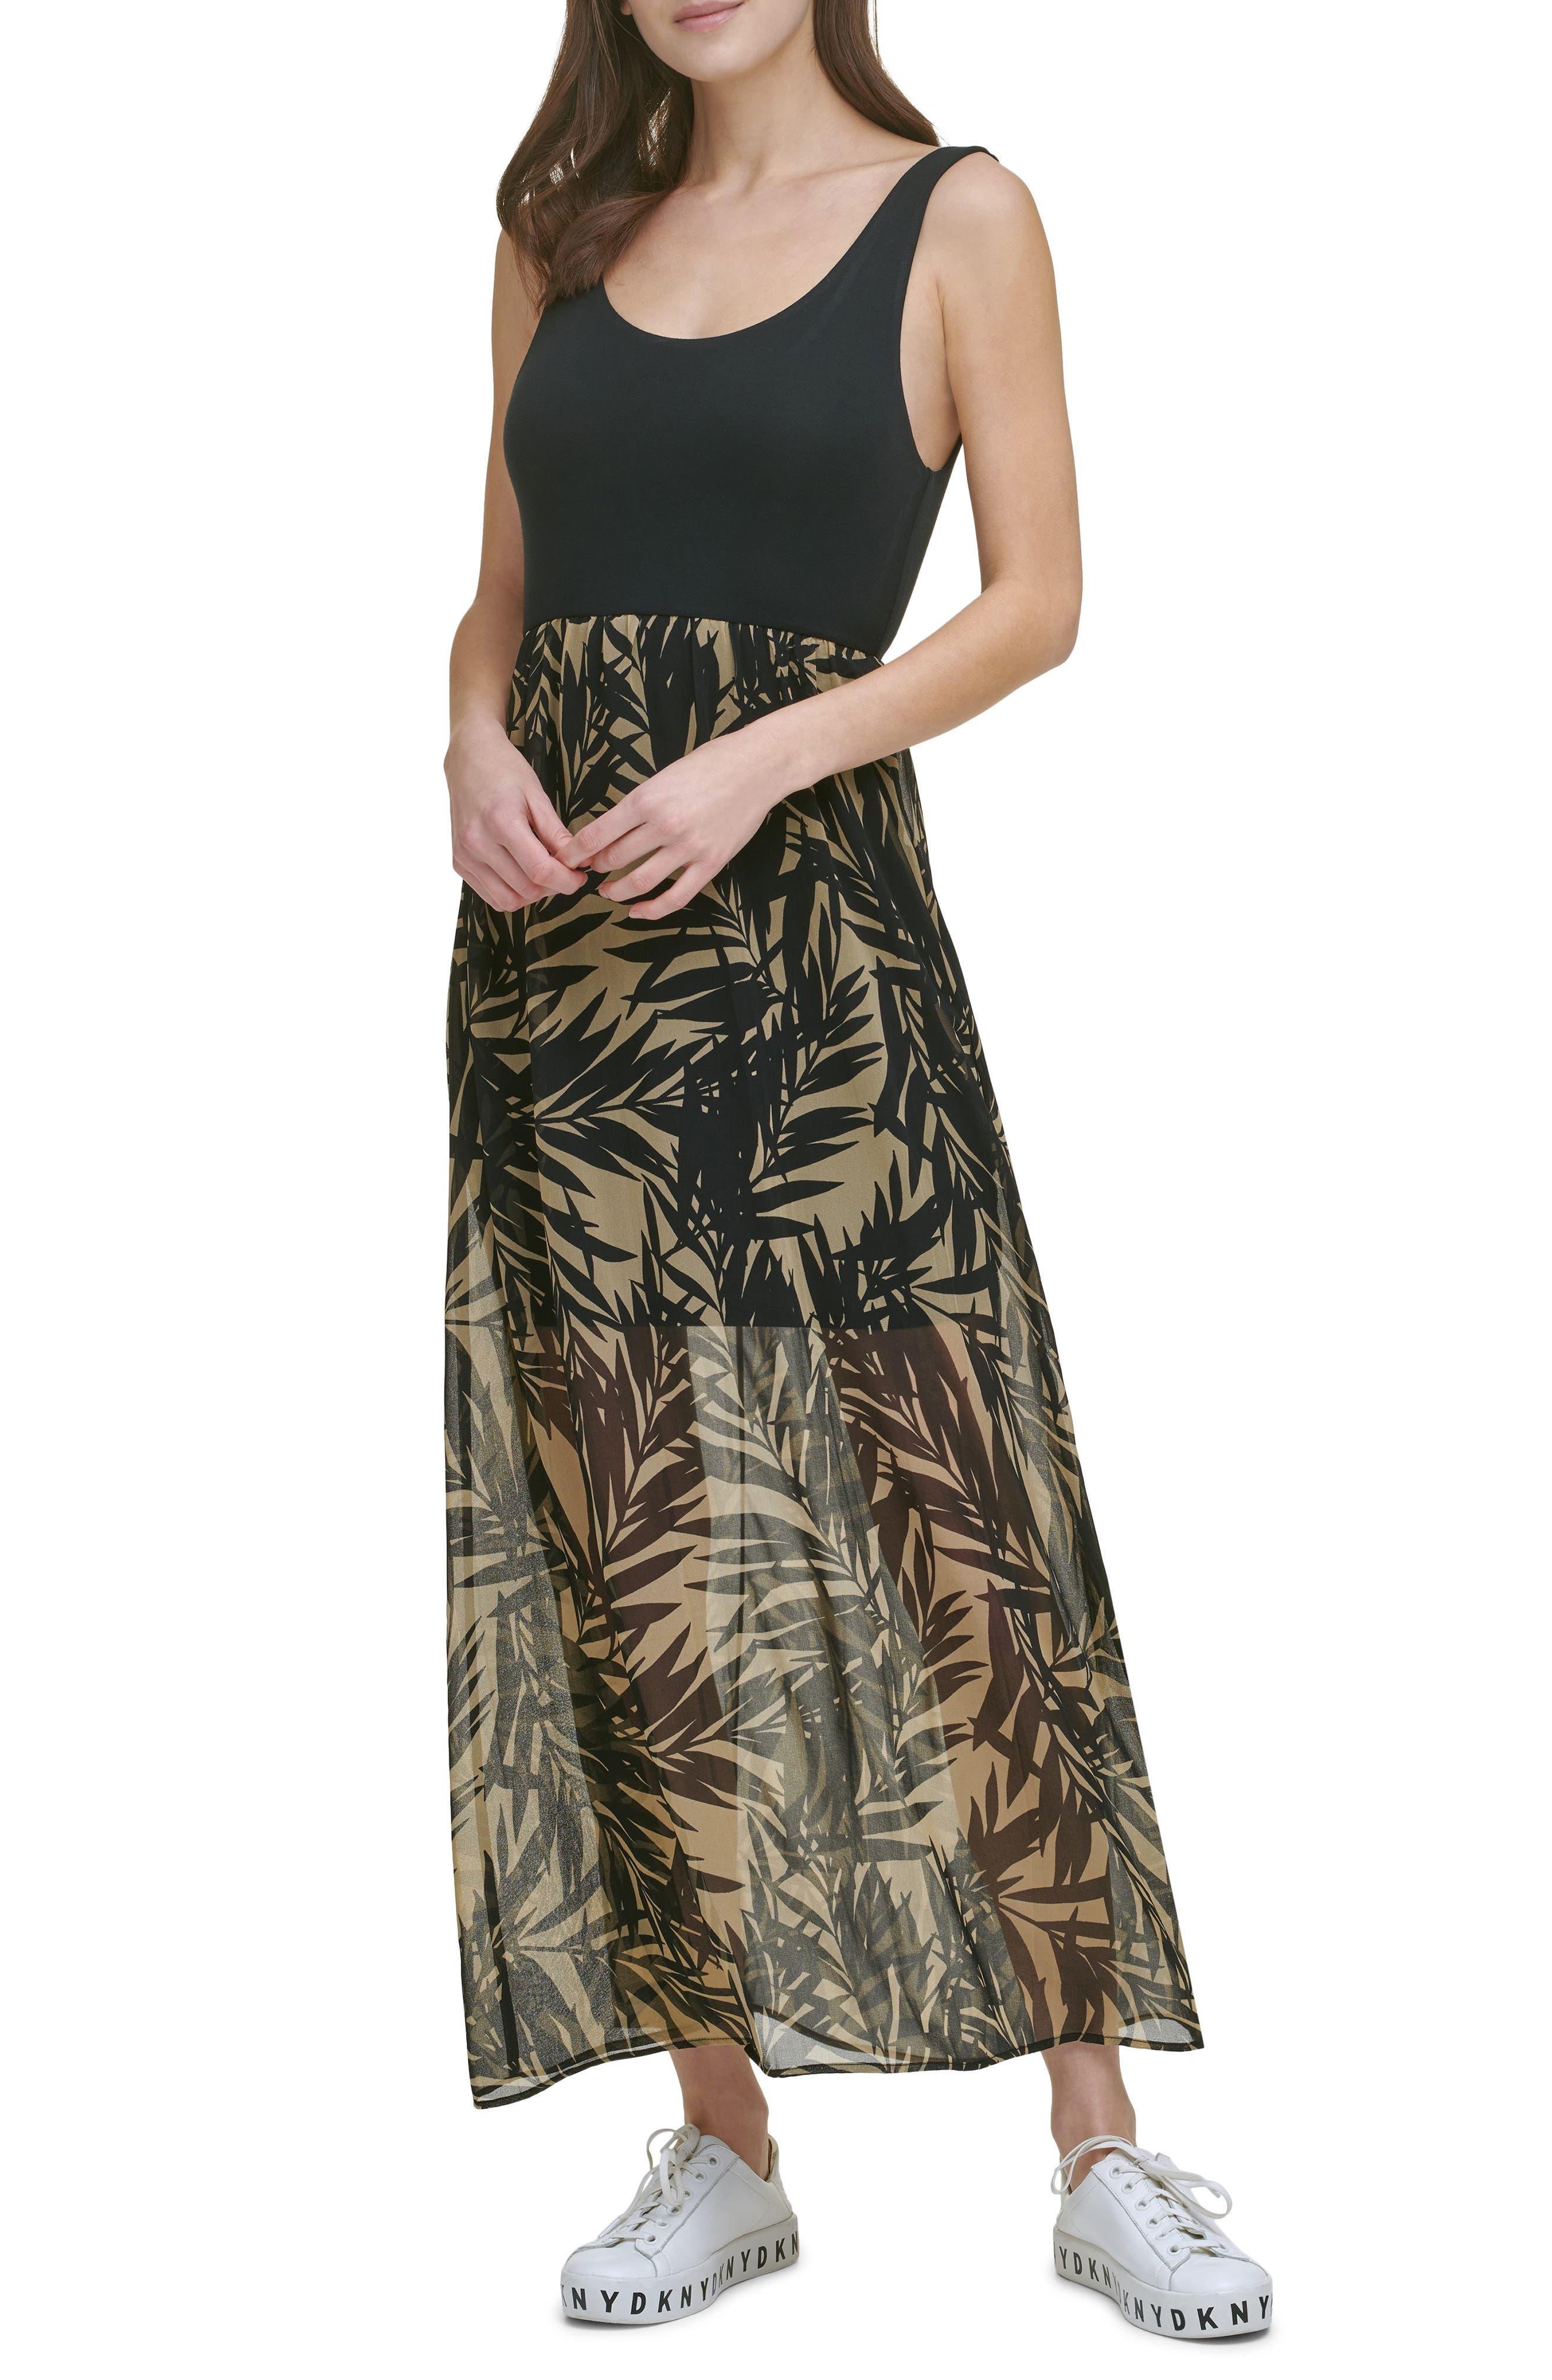 Tropical Print Mixed Media Dress